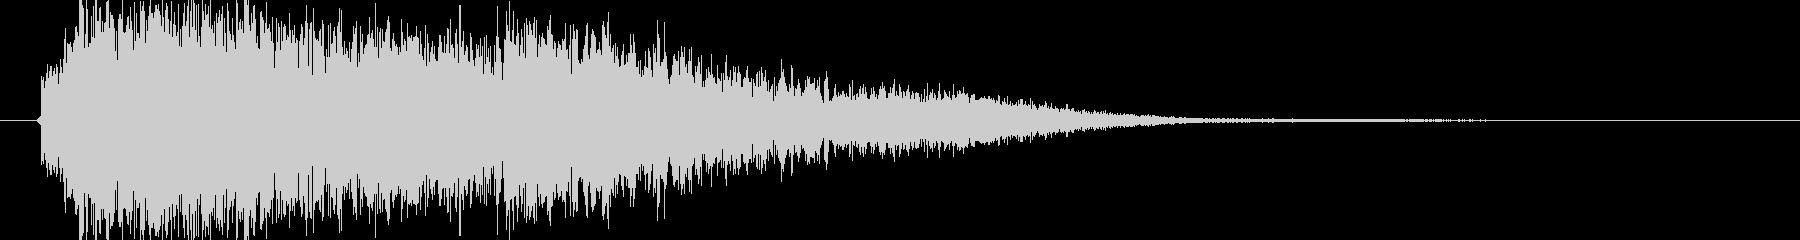 ビーム砲(ギュウウンと響く)の未再生の波形